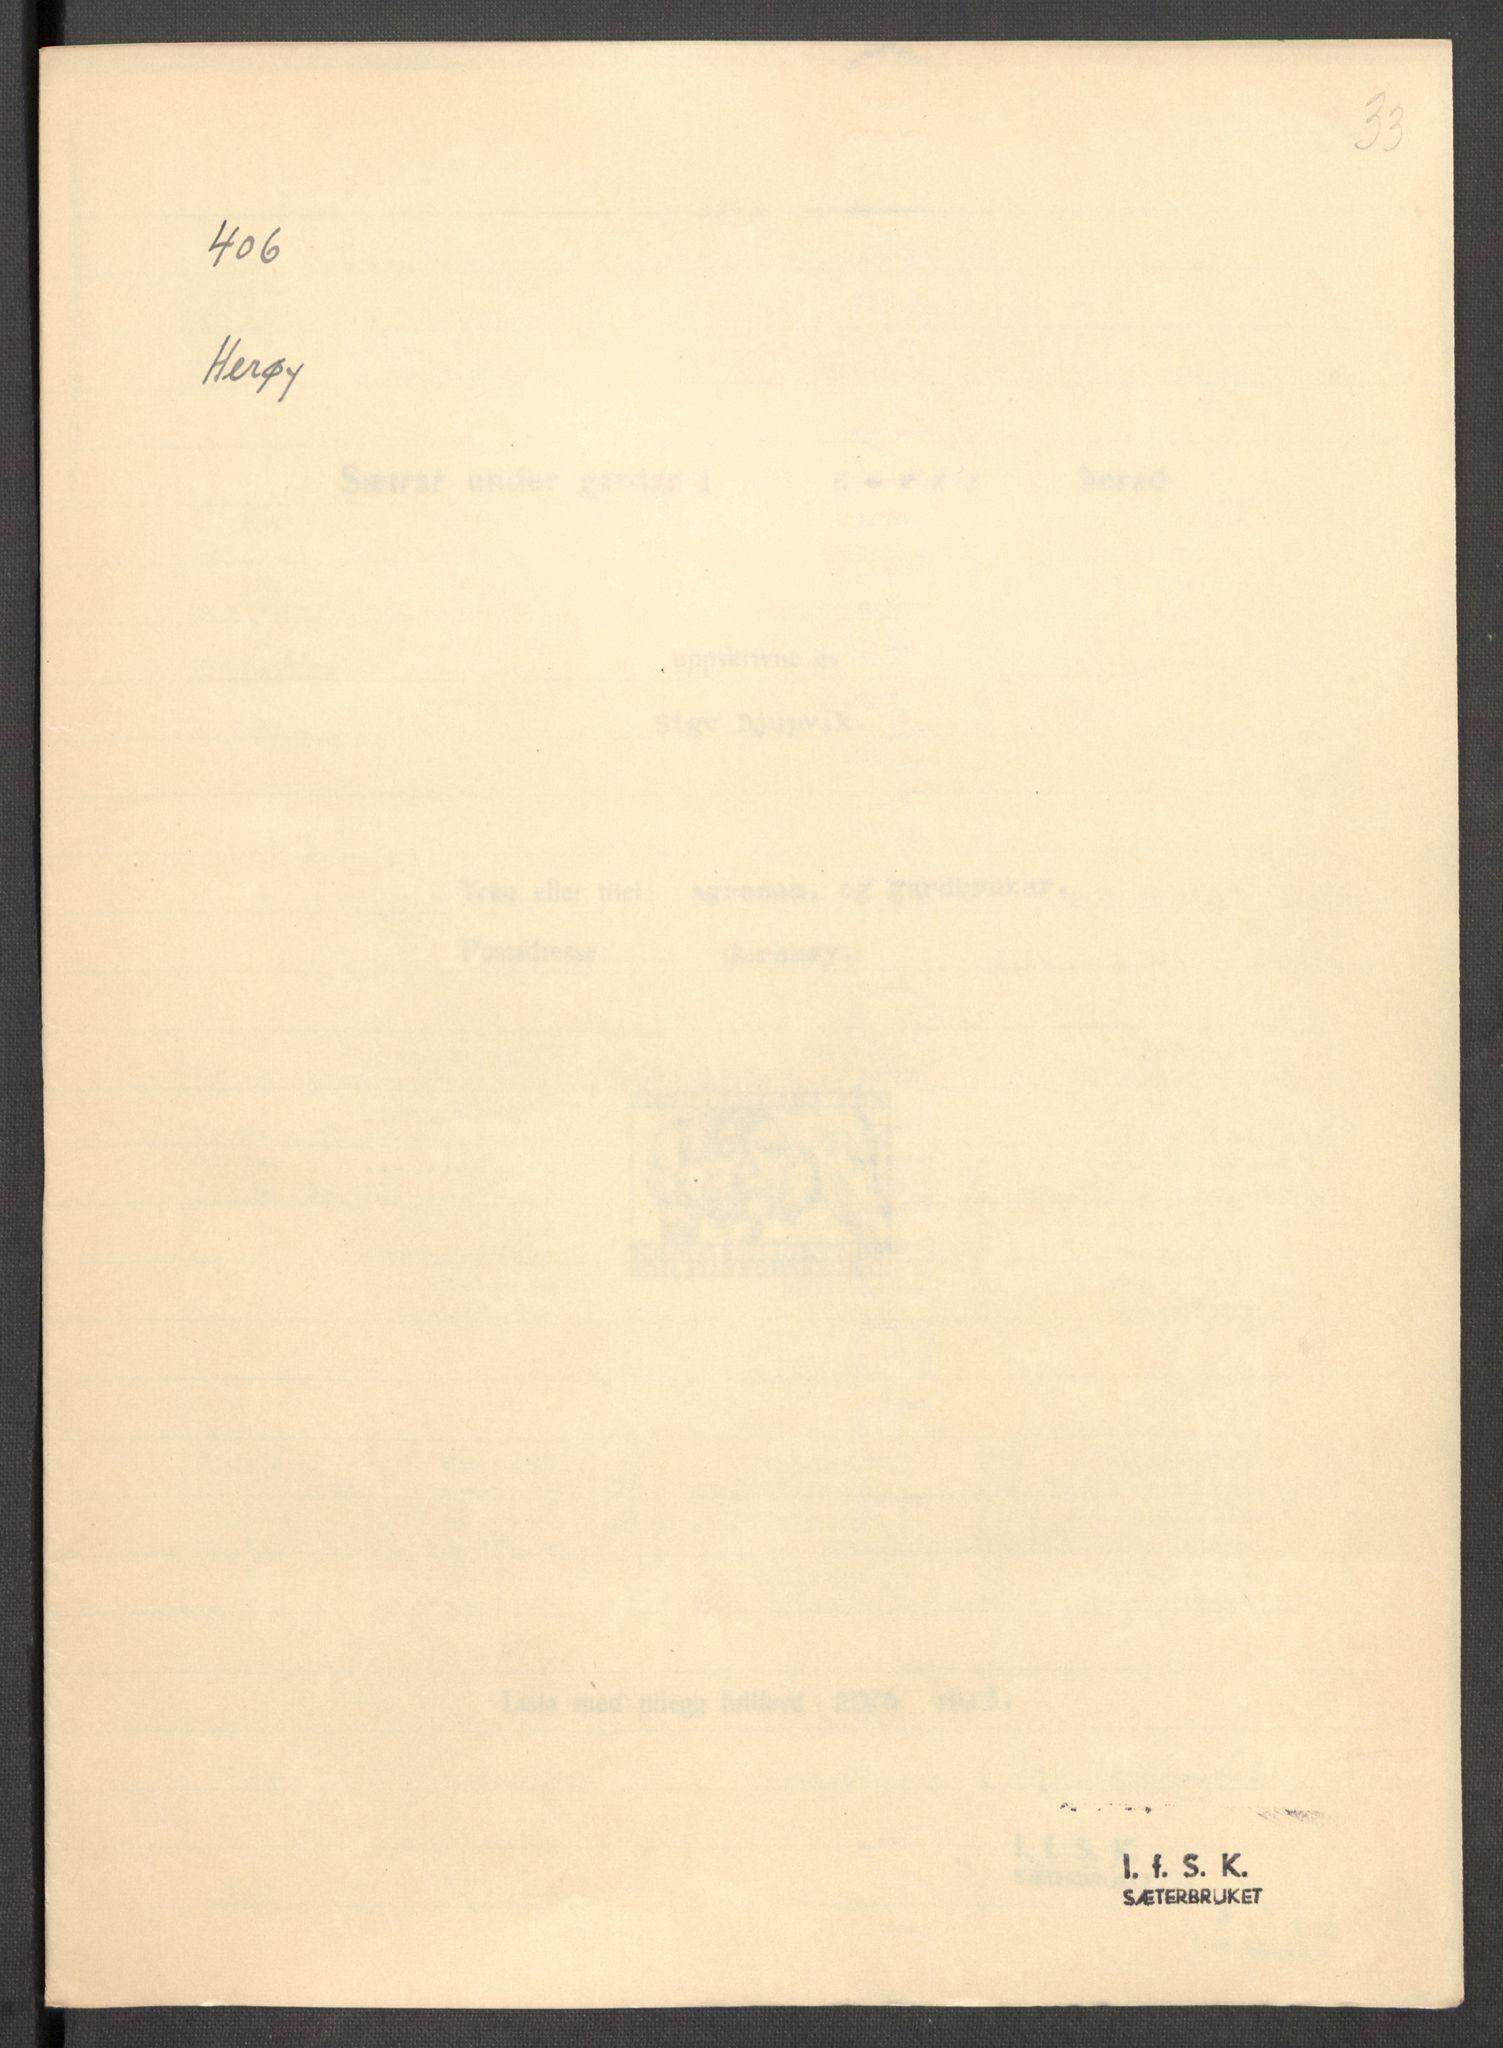 RA, Instituttet for sammenlignende kulturforskning, F/Fc/L0012: Eske B12:, 1934-1936, s. 33